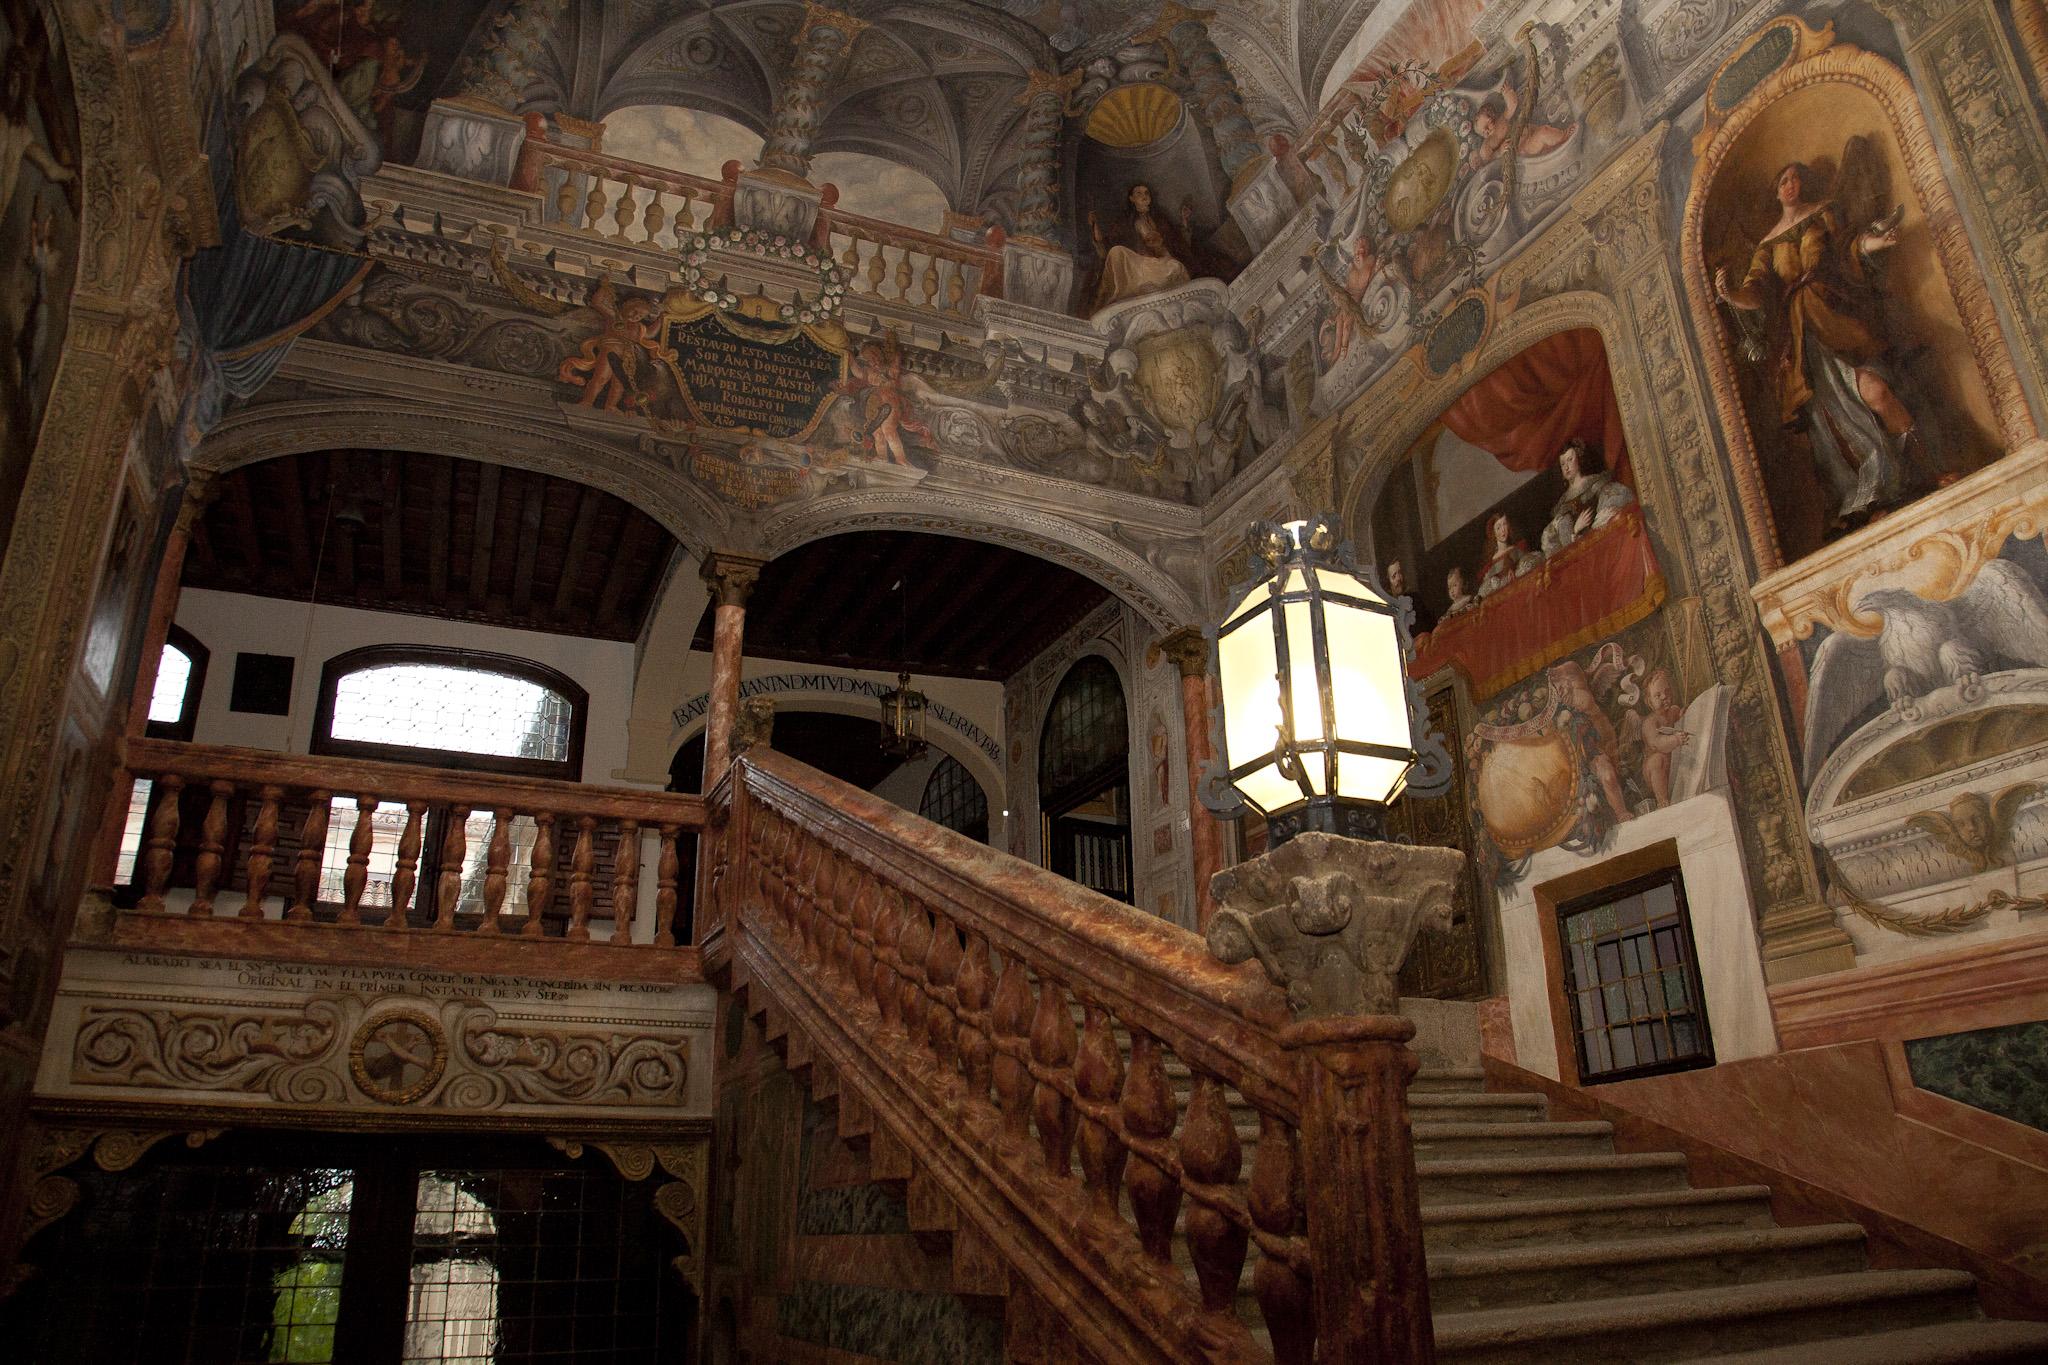 Escalera convento Descalzas Reales, Madrid